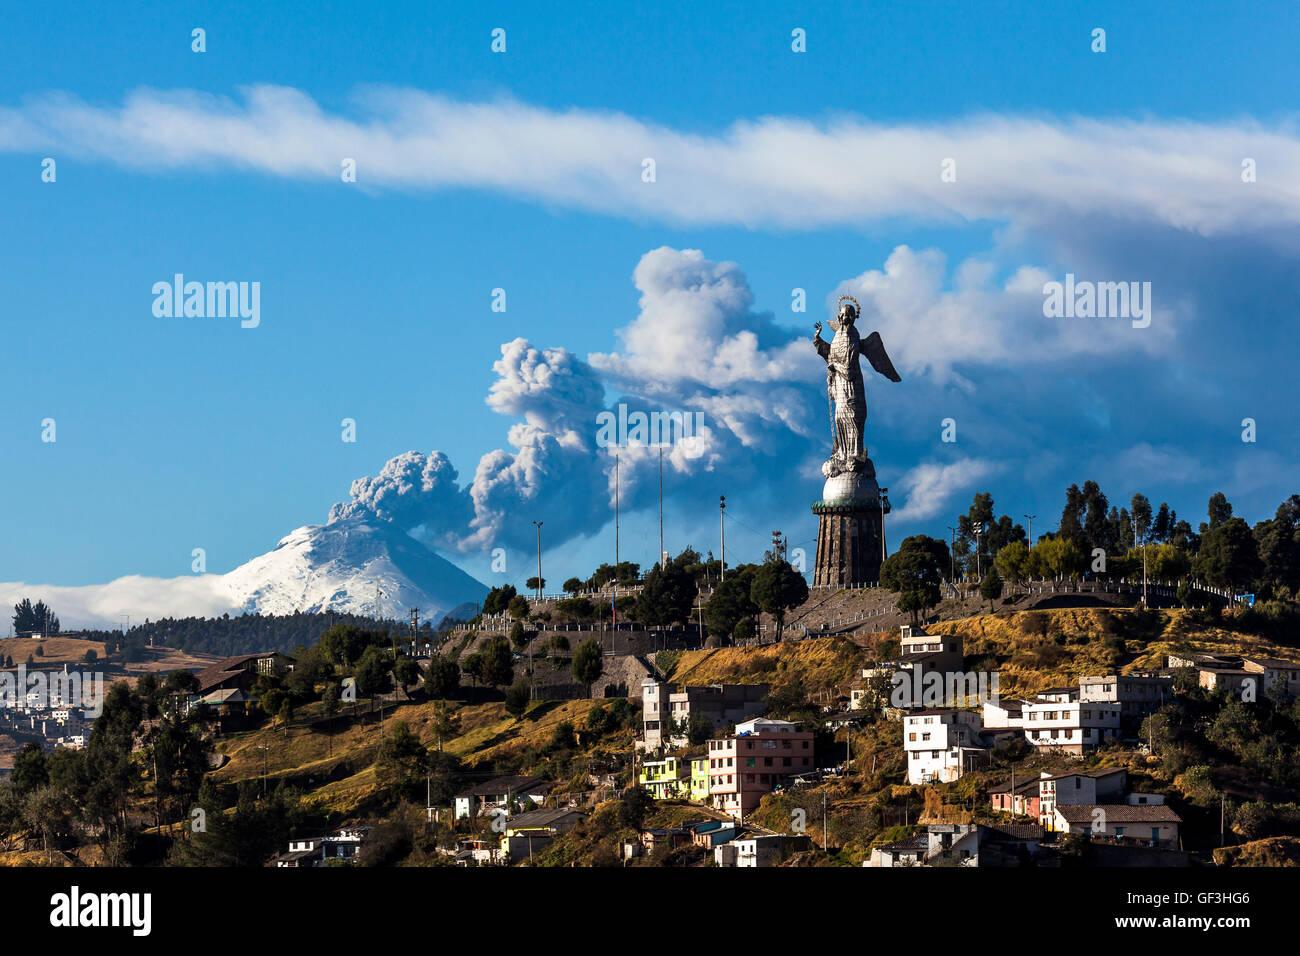 Erupción del volcán Cotopaxi y Panecillo de Madona visto desde Quito, Ecuador Imagen De Stock